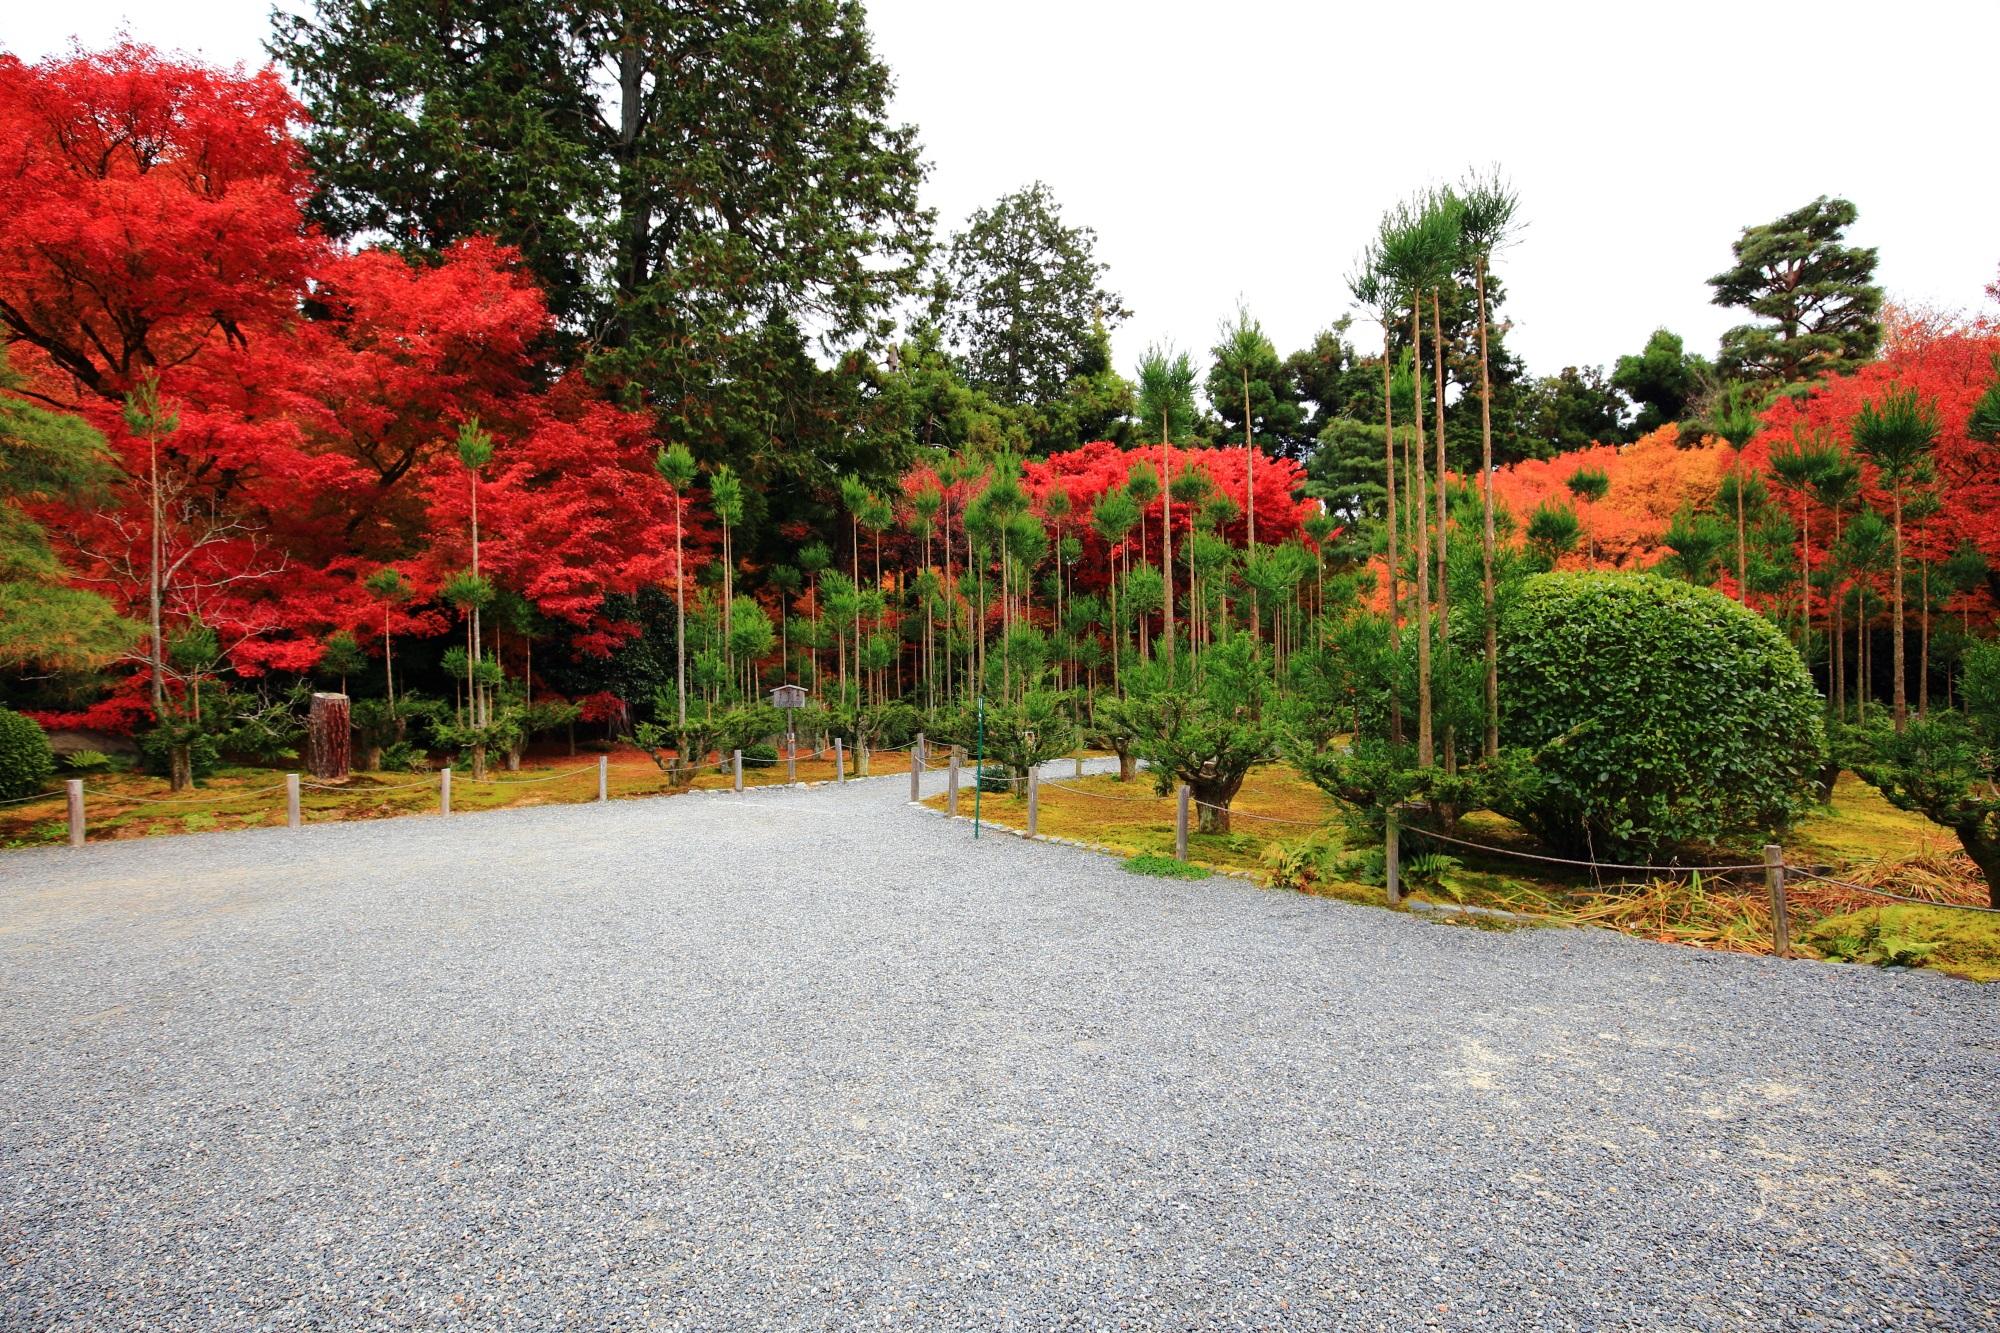 もみじの名所の龍安寺(りょうあんじ)の納骨堂前の綺麗な紅葉